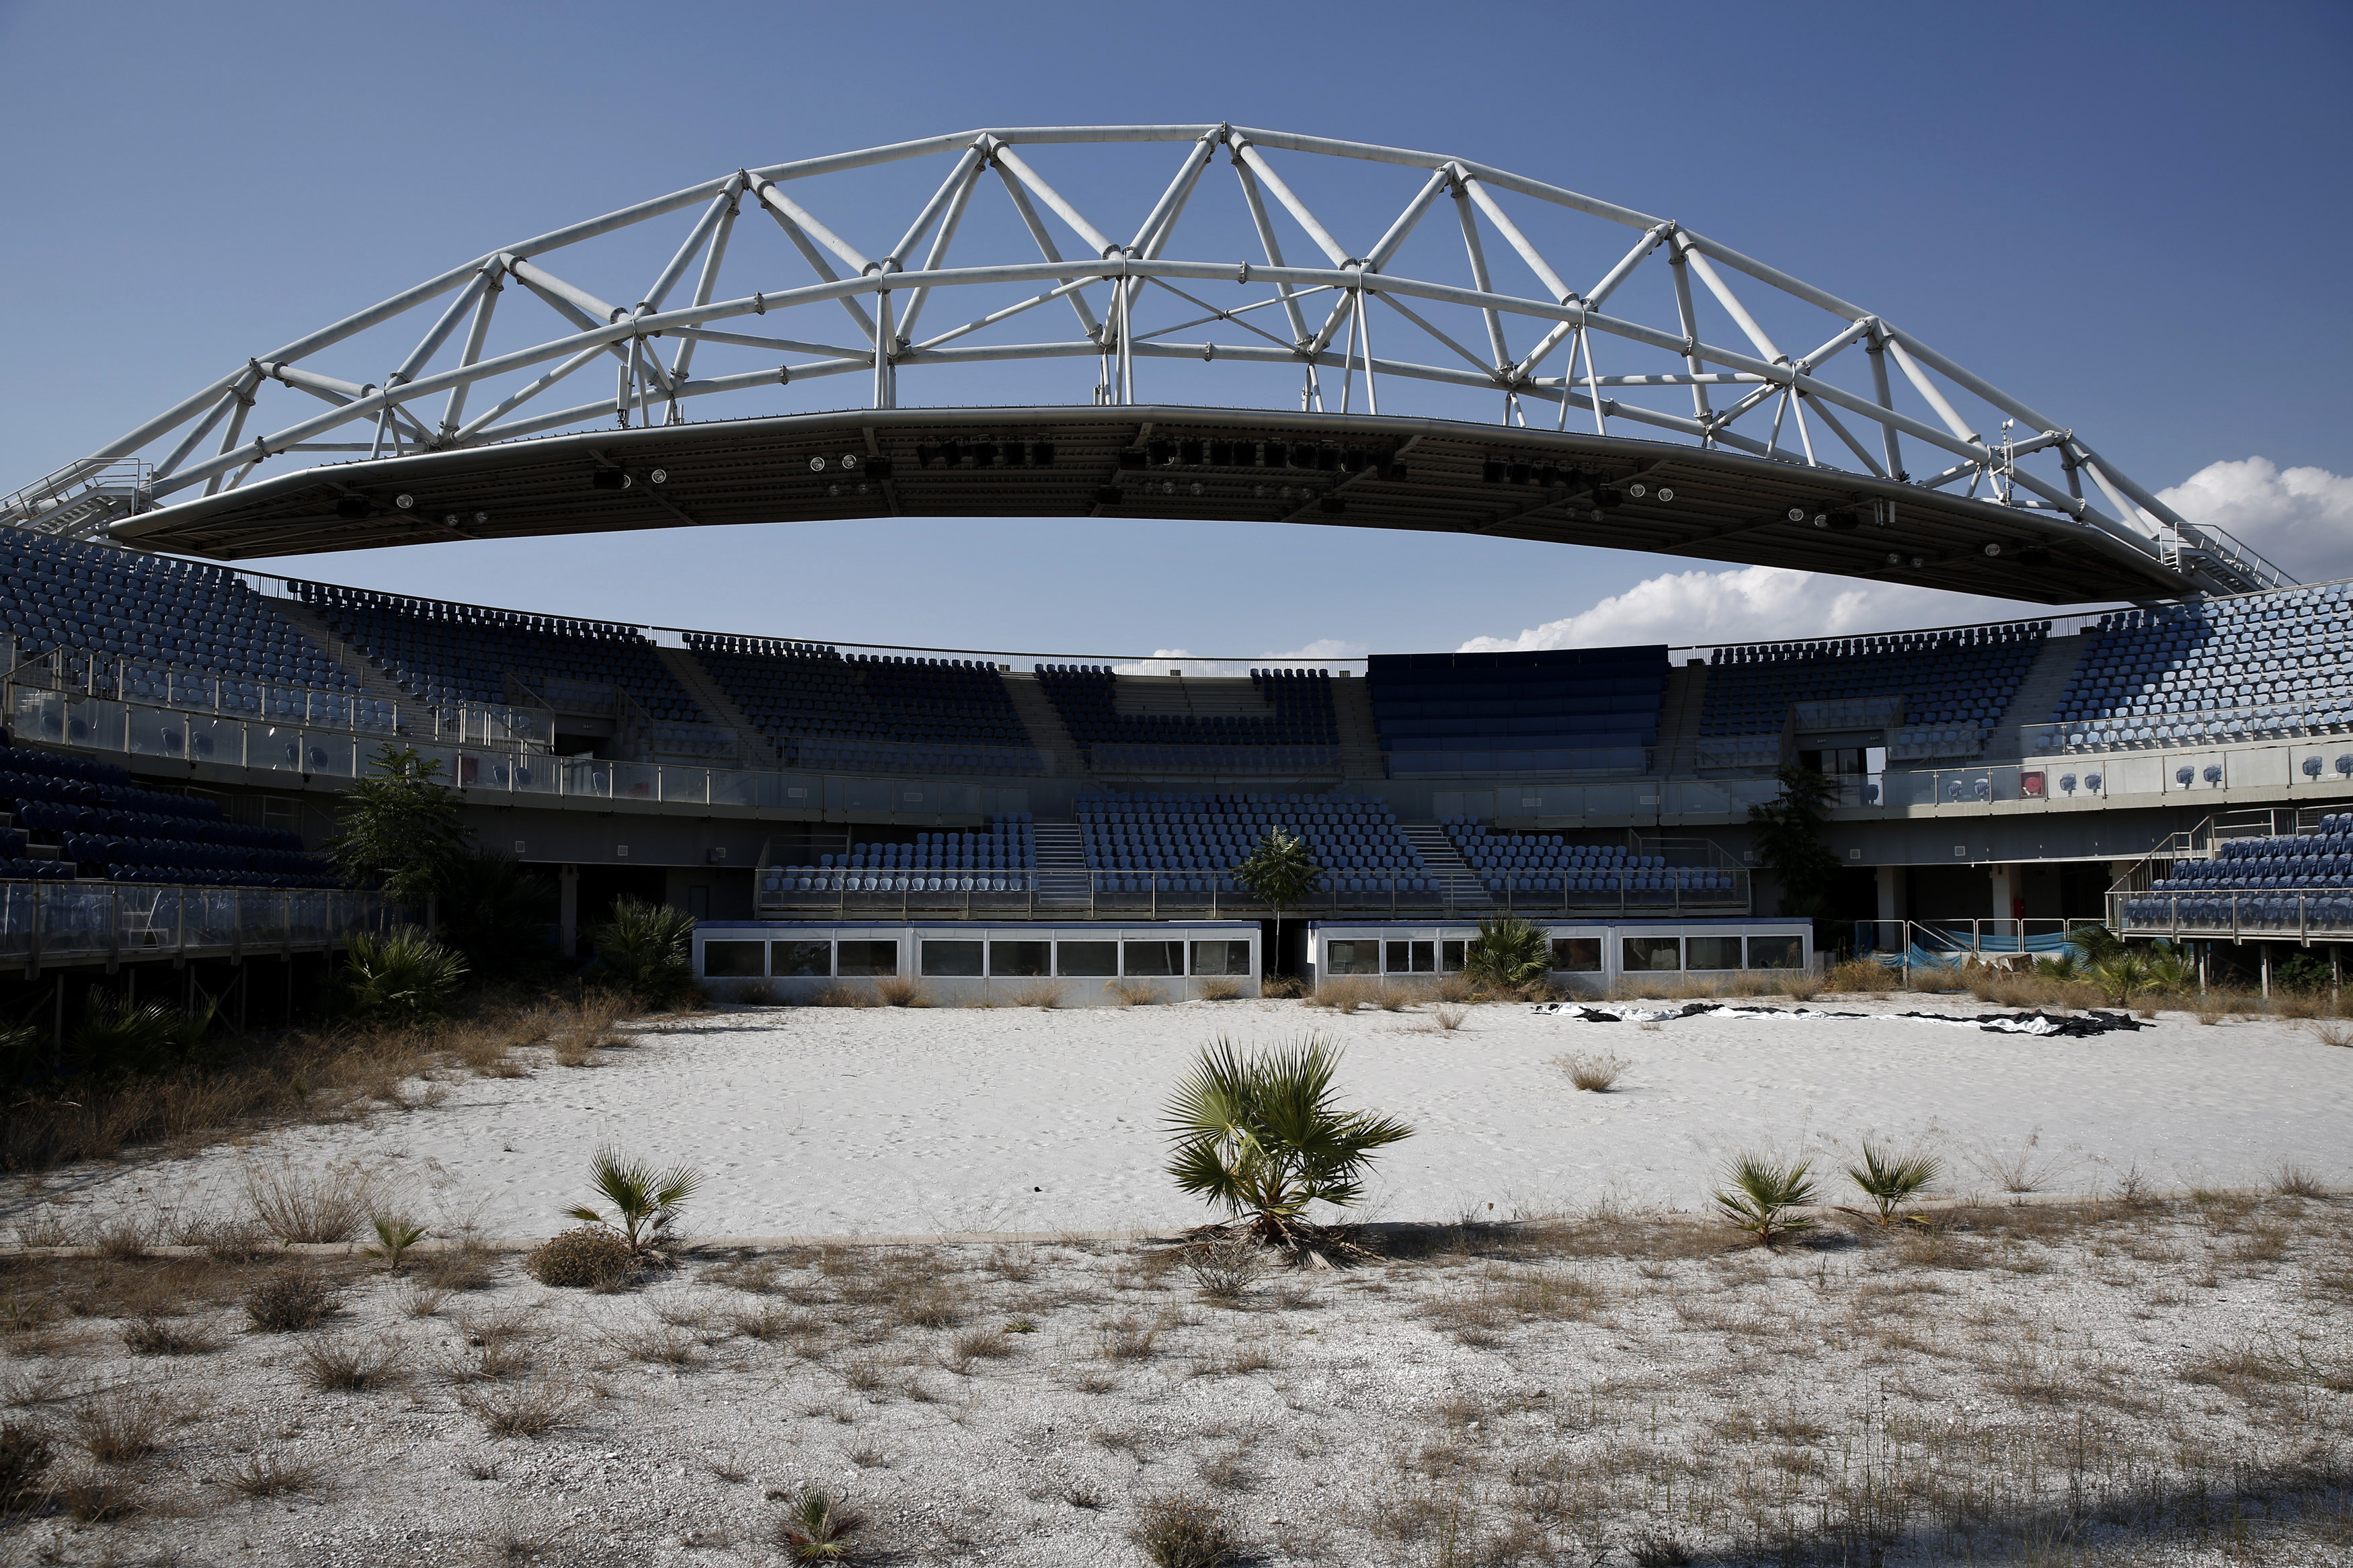 La struttura che ospitava le competizioni di beach volley